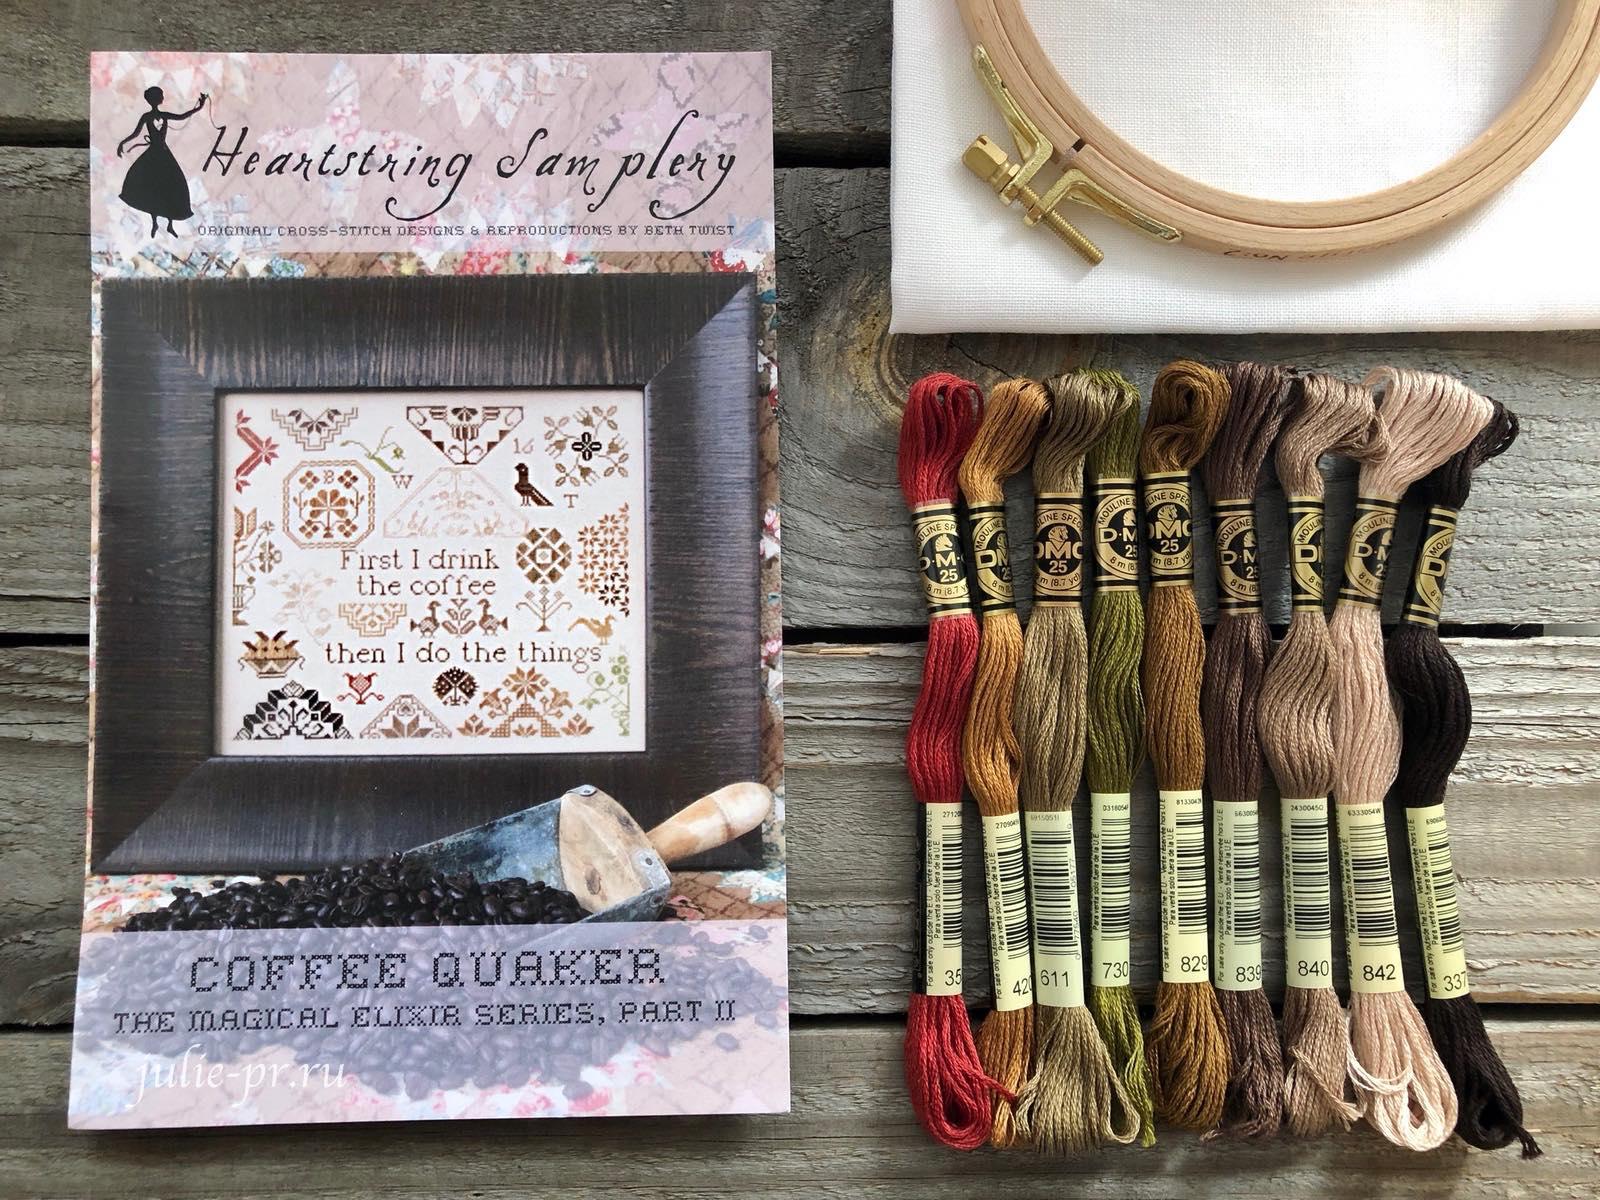 Вышивка крестом, Coffee quaker... the Magical Elixir Series N2, Кофейный квакер,Heartstring Samplery, кофе